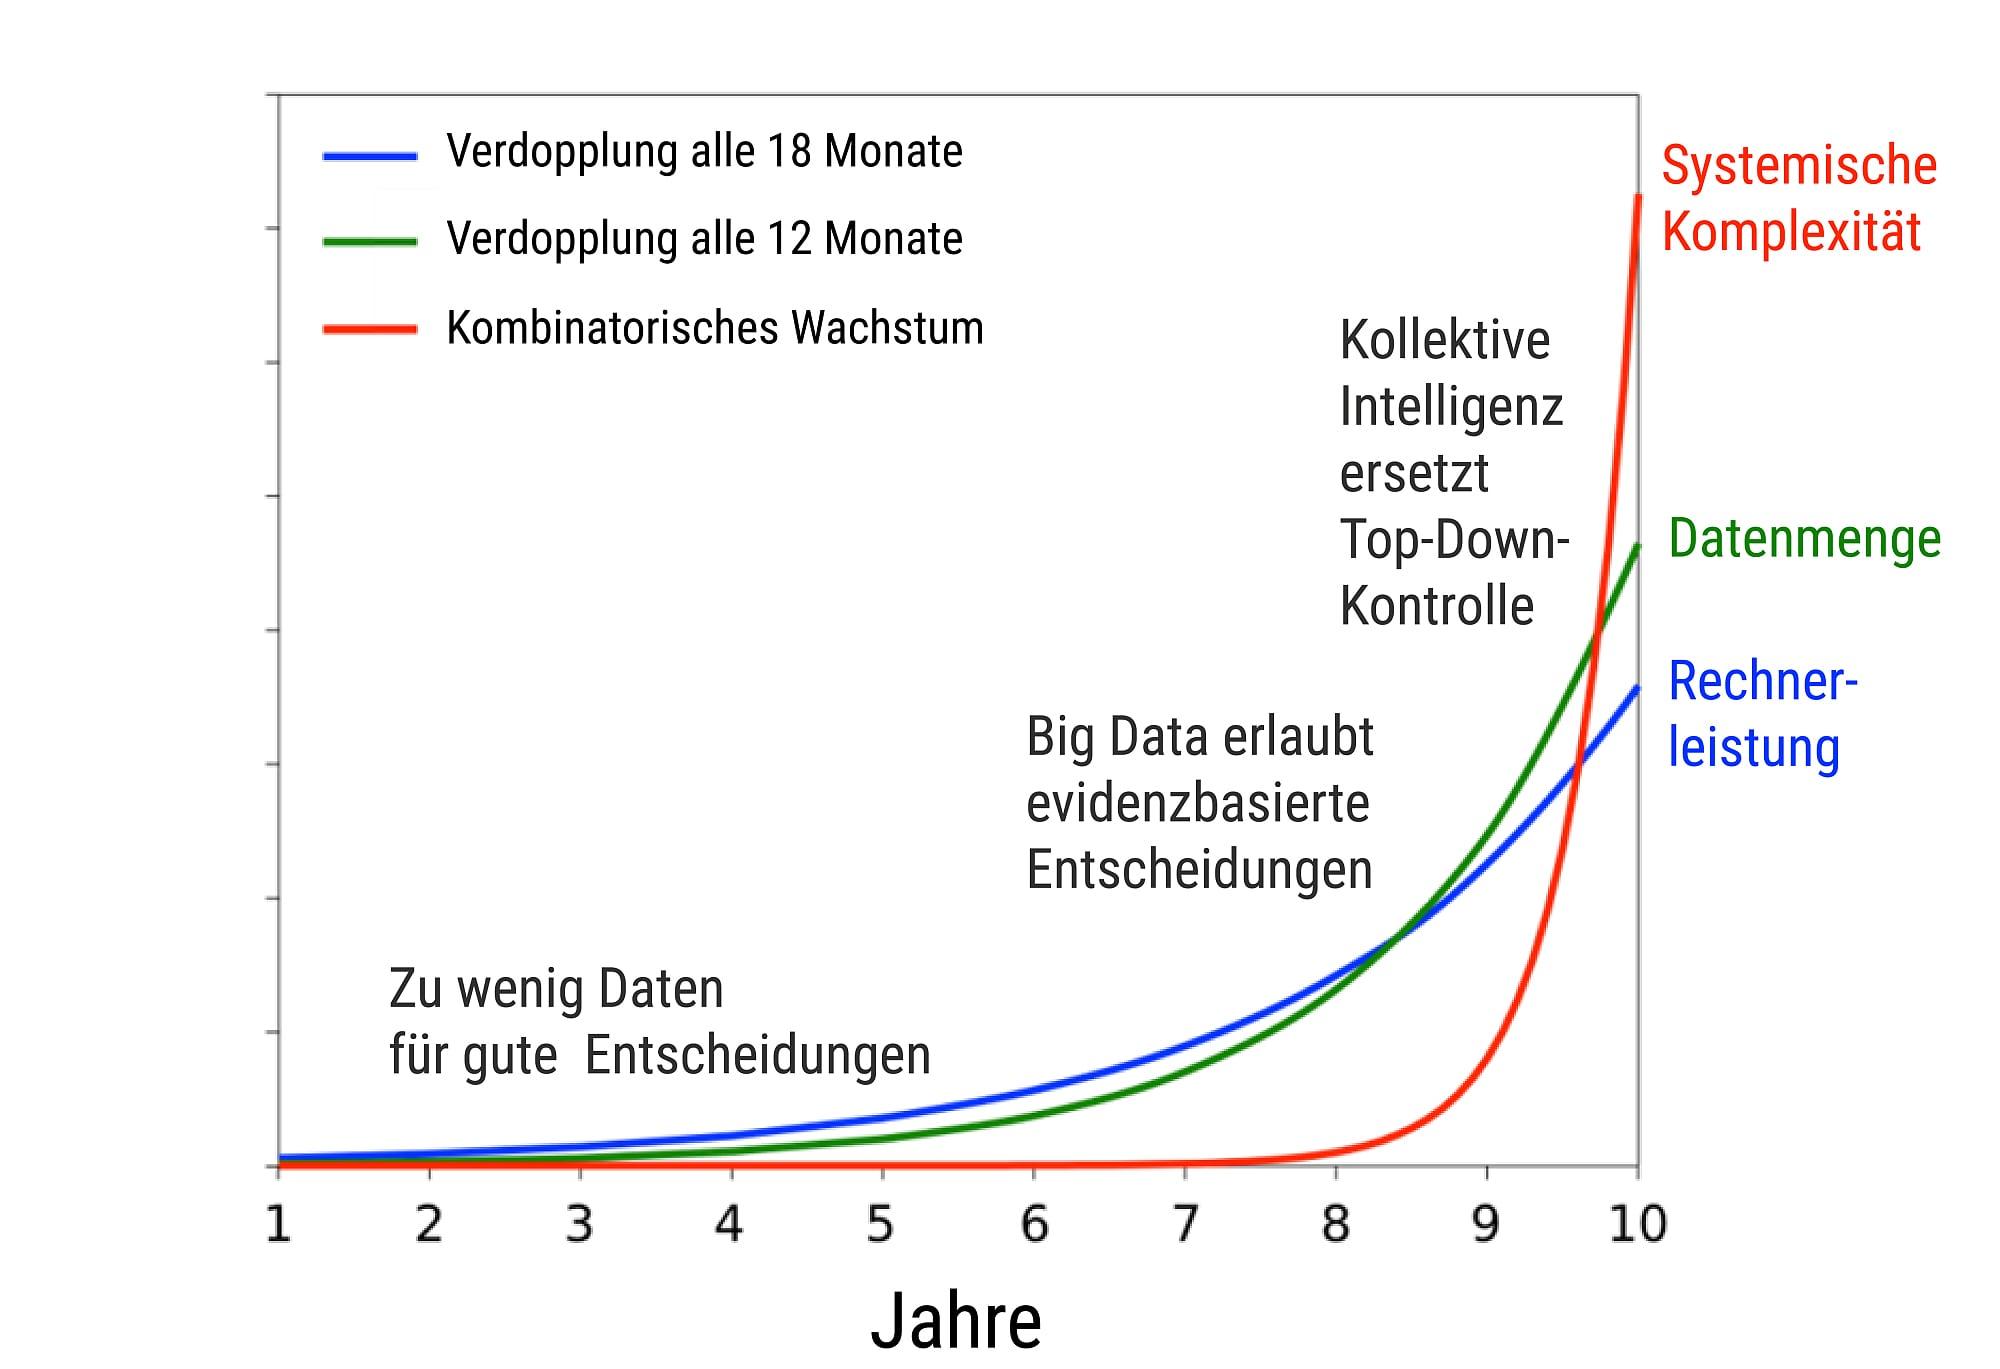 Schön Online Diagramm Zeichnen Bilder - Elektrische Schaltplan-Ideen ...